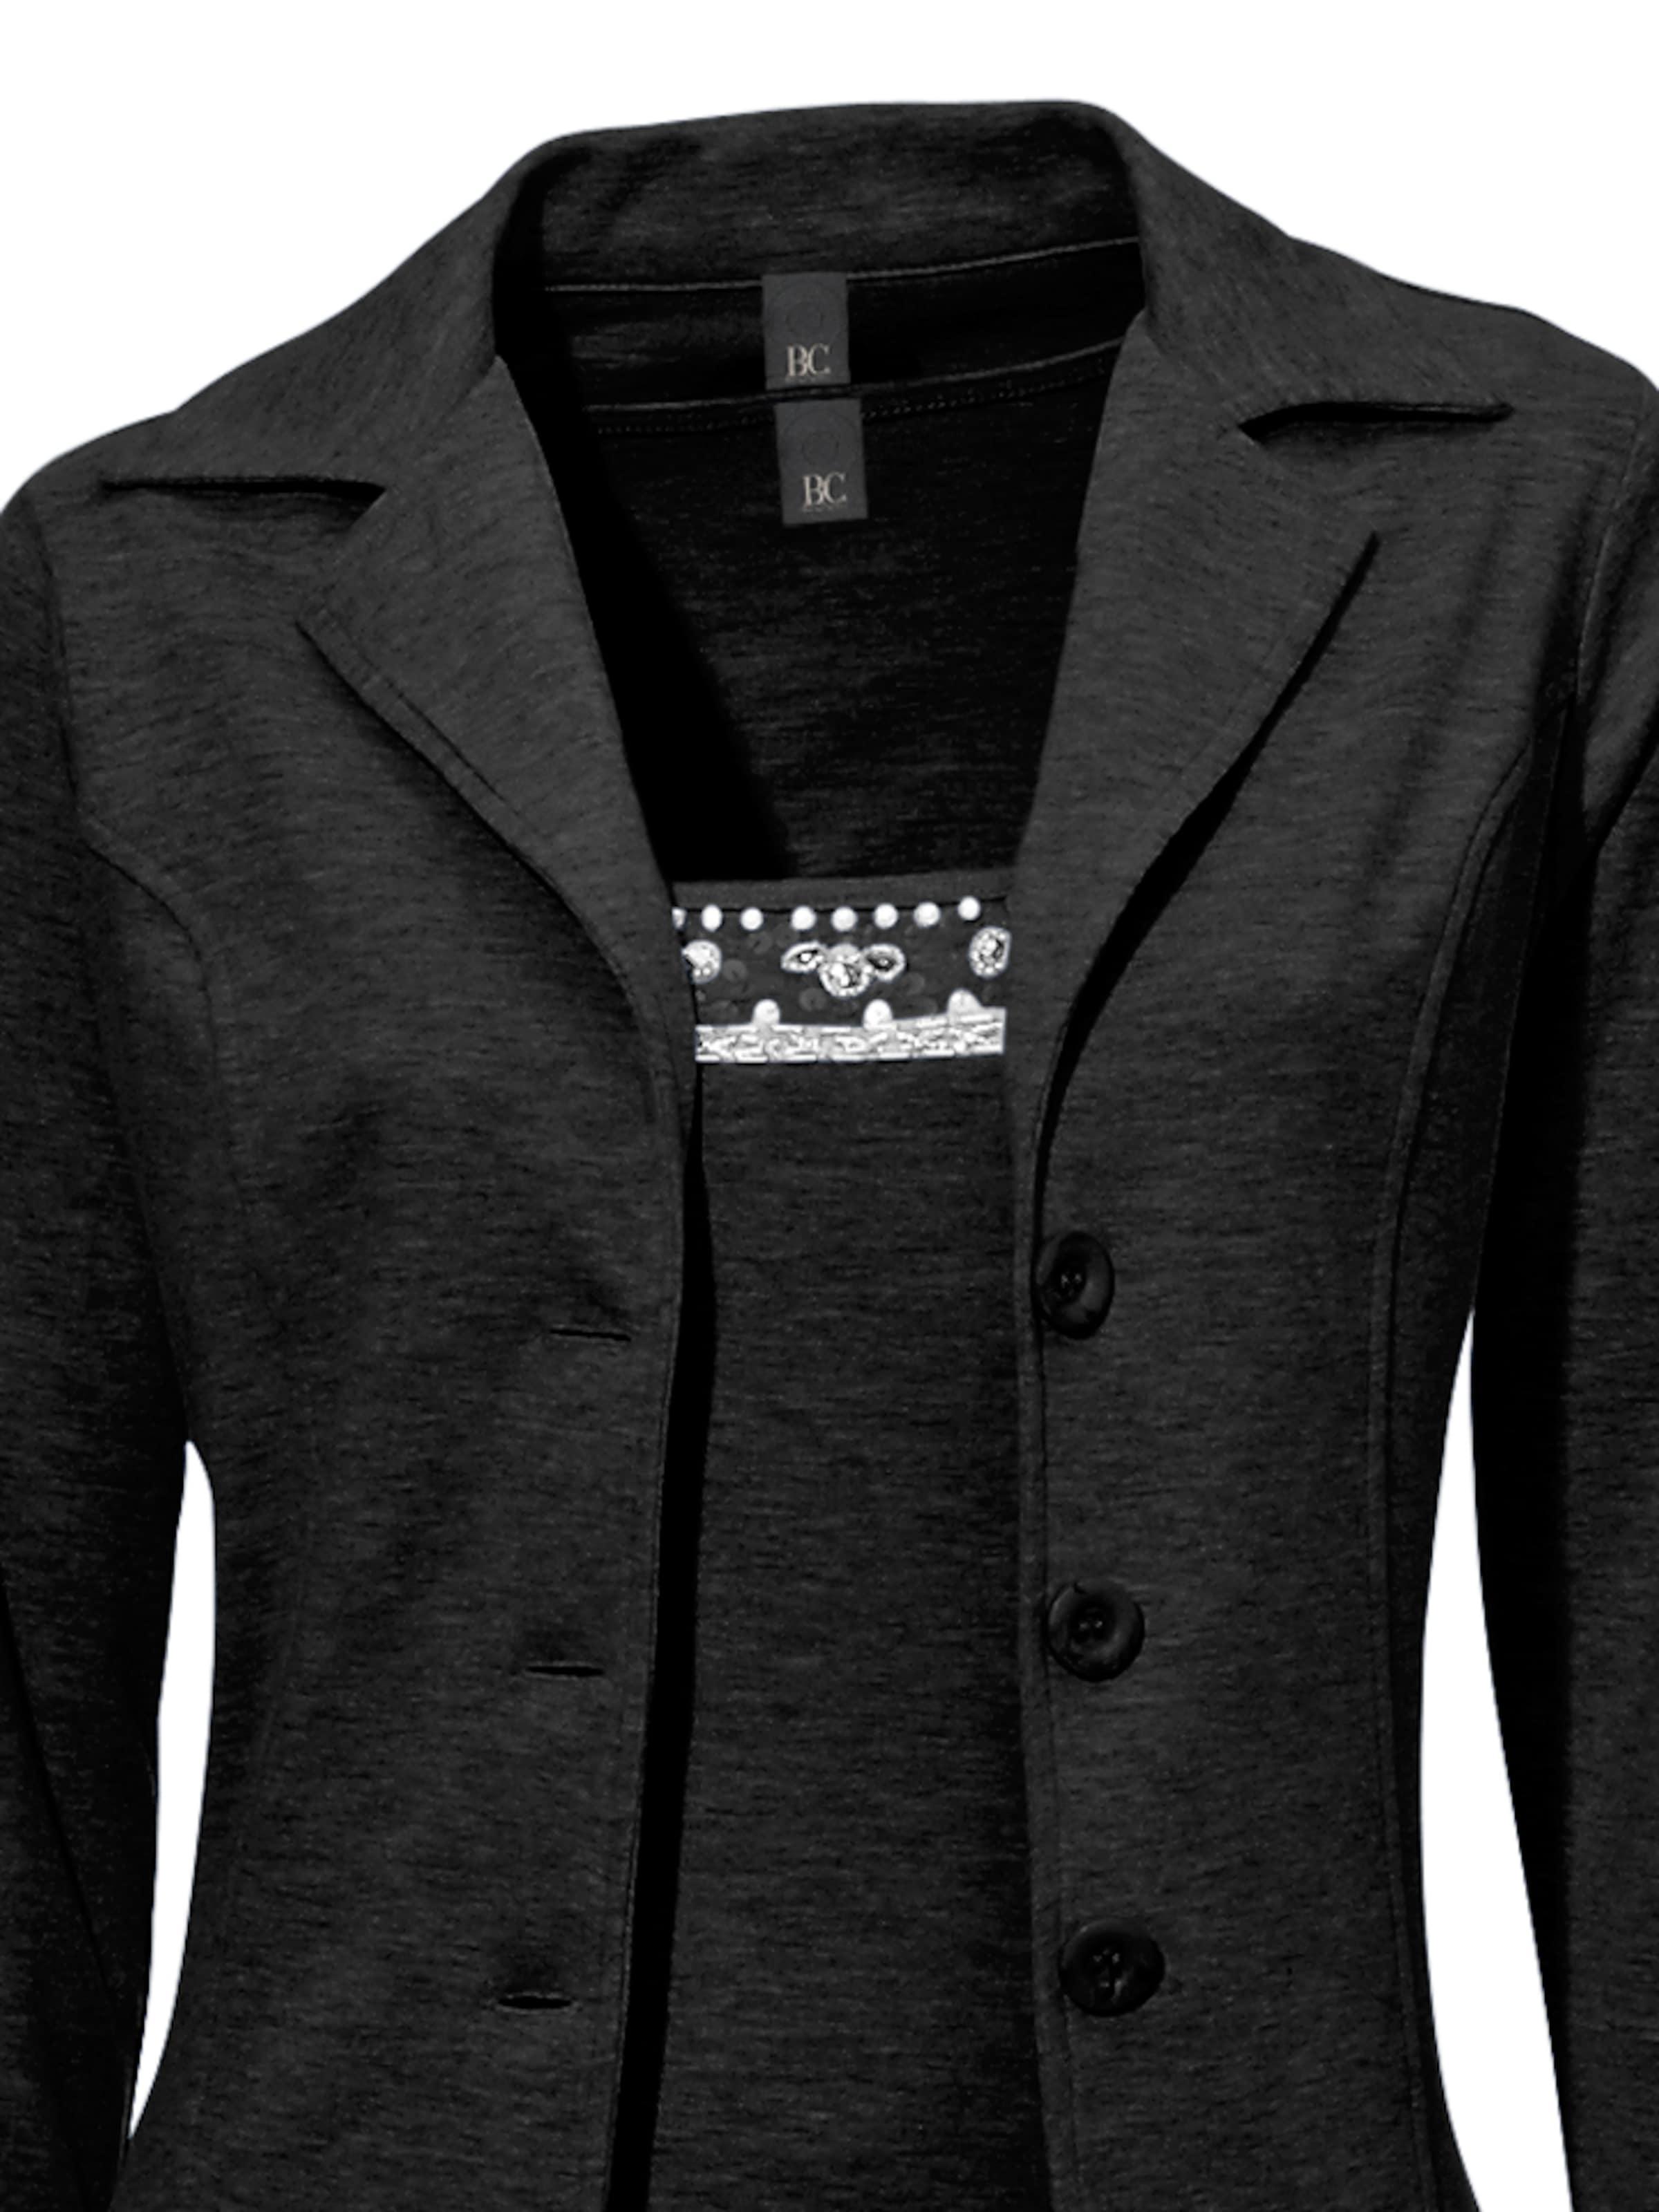 B.C. Best Connections by heine Shirt-Twinset Große Überraschung Zu Verkaufen A3nj7